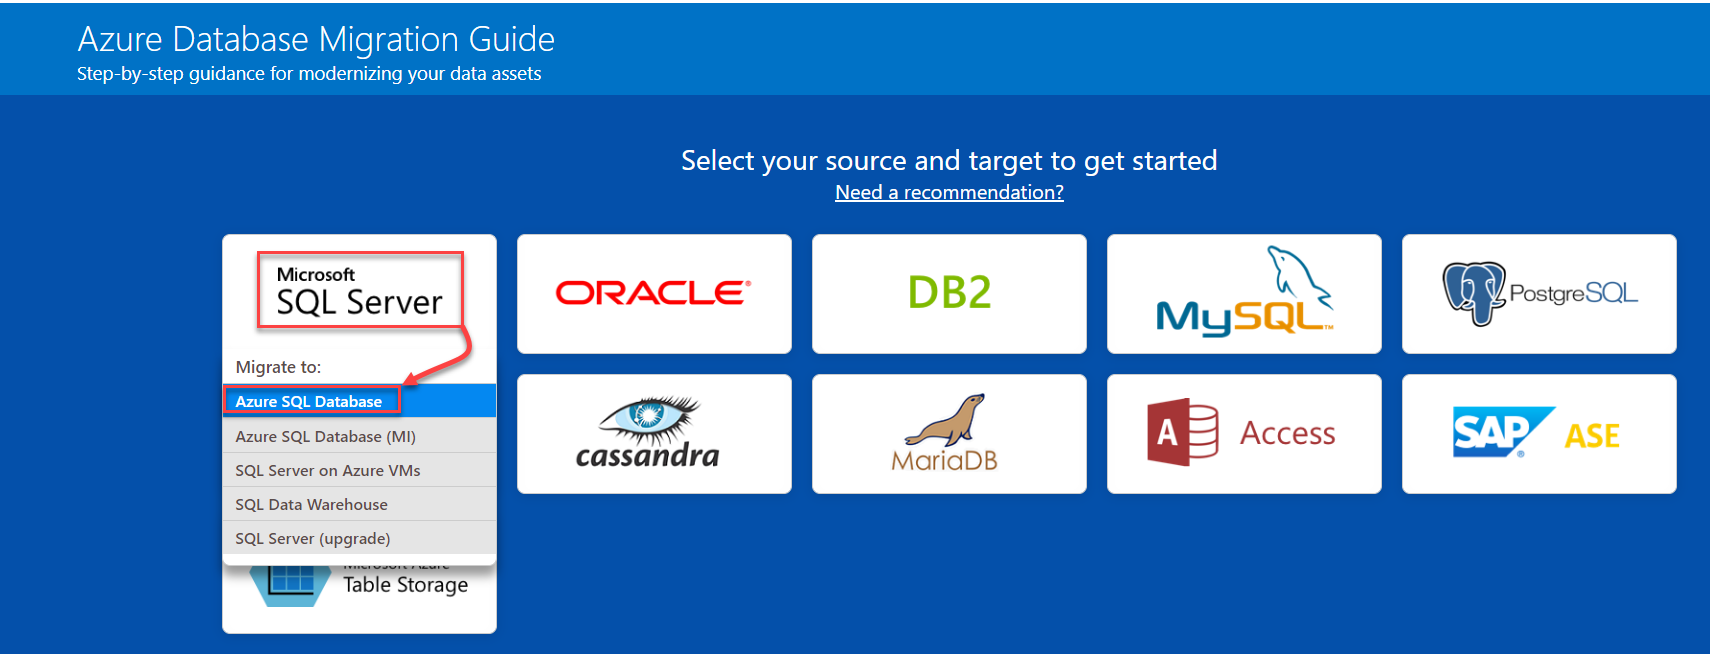 Migrando cargas de trabalho SQL para o Microsoft Azure: Ferramentas de Orientação e Avaliação 1